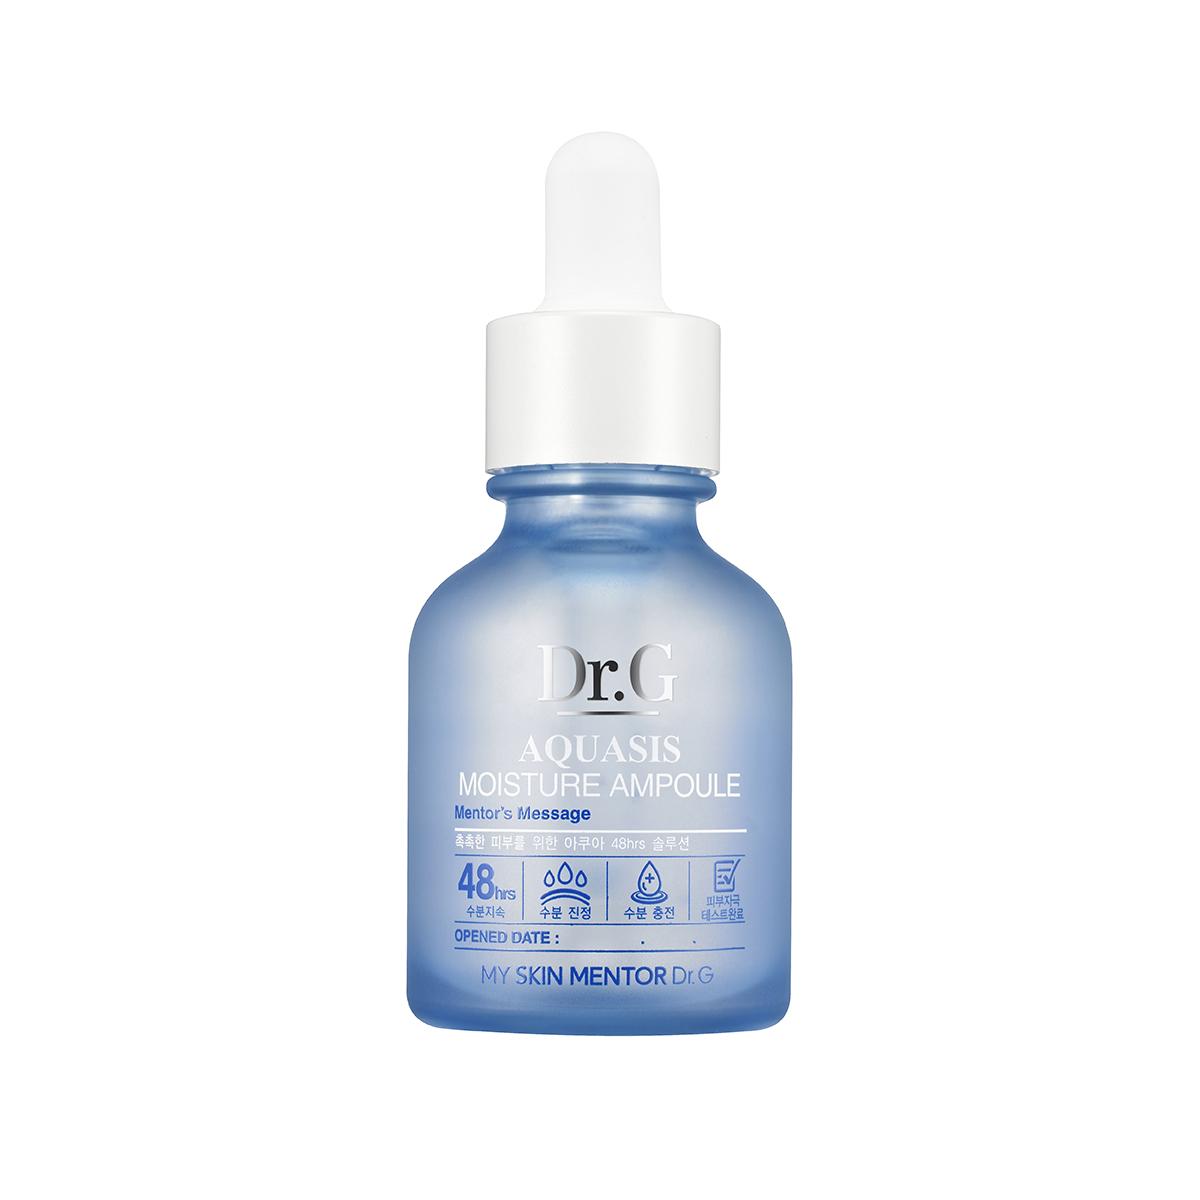 Dr. G Ампула-сыворотка увлажняющая Aquasis, 30 млMYL-000000155Эссенция для восстановления тонуса кожи с экстрадолгим влагоудерживающим действием в течение 48 часов с эффектом мгновенного увлажнения. Содержит пентавитамин R, алоэ вера, гречиху и 2 вида гиалуроновой кислоты. 2 вида гиалуроновой кислоты дают эффект моментального увлажнения, избавляют от шелушения, грубого внешнего вида, стянутости. Обладают мультидействием - регенерирующими свойствами, усиливают метаболизм, поддерживает водный баланс. Пентавитамин R состоящий из натуральных карбогидрантов, сохраняет кожу нежной и упругой. Пентавитамин проникает в эпидермис достаточно глубоко и благодаря этому сохраняется нормальный водный баланс. Экстракт алоэ вера прекрасно увлажняет, оказывает заживляющее и успокаивающее действие, разглаживает морщины, замедляет процесс старения.Экстракт гречихи богат флавоноидами, которые борются со свободными радикалами.Эссенция подходит для всех типов кожи.